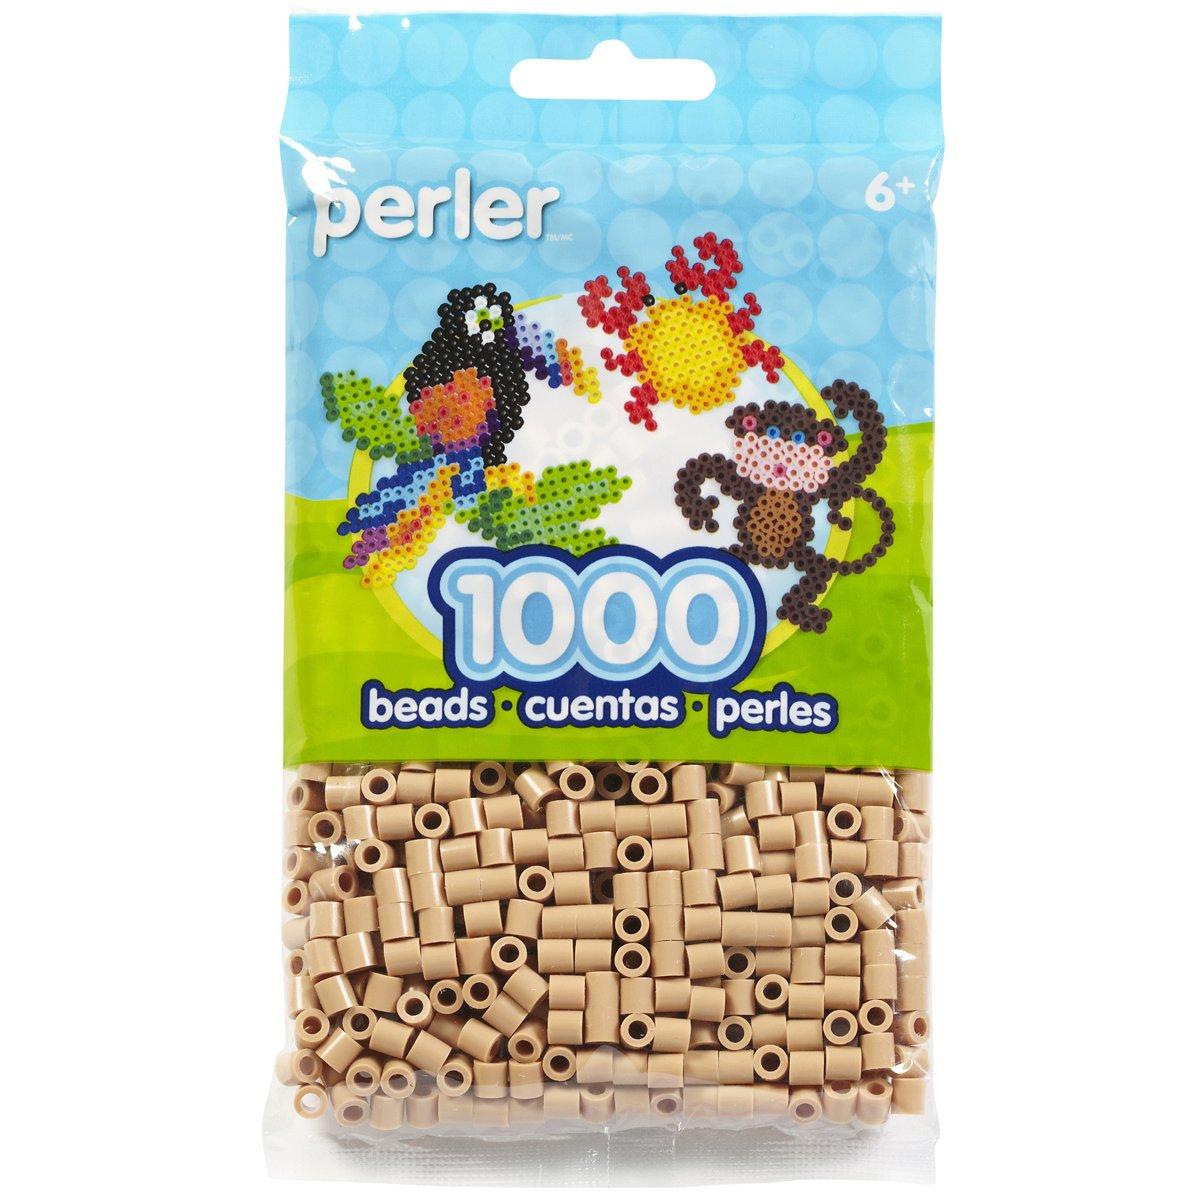 Perler Canutillos Beads 1000 Unidades (modelo tan) xsr